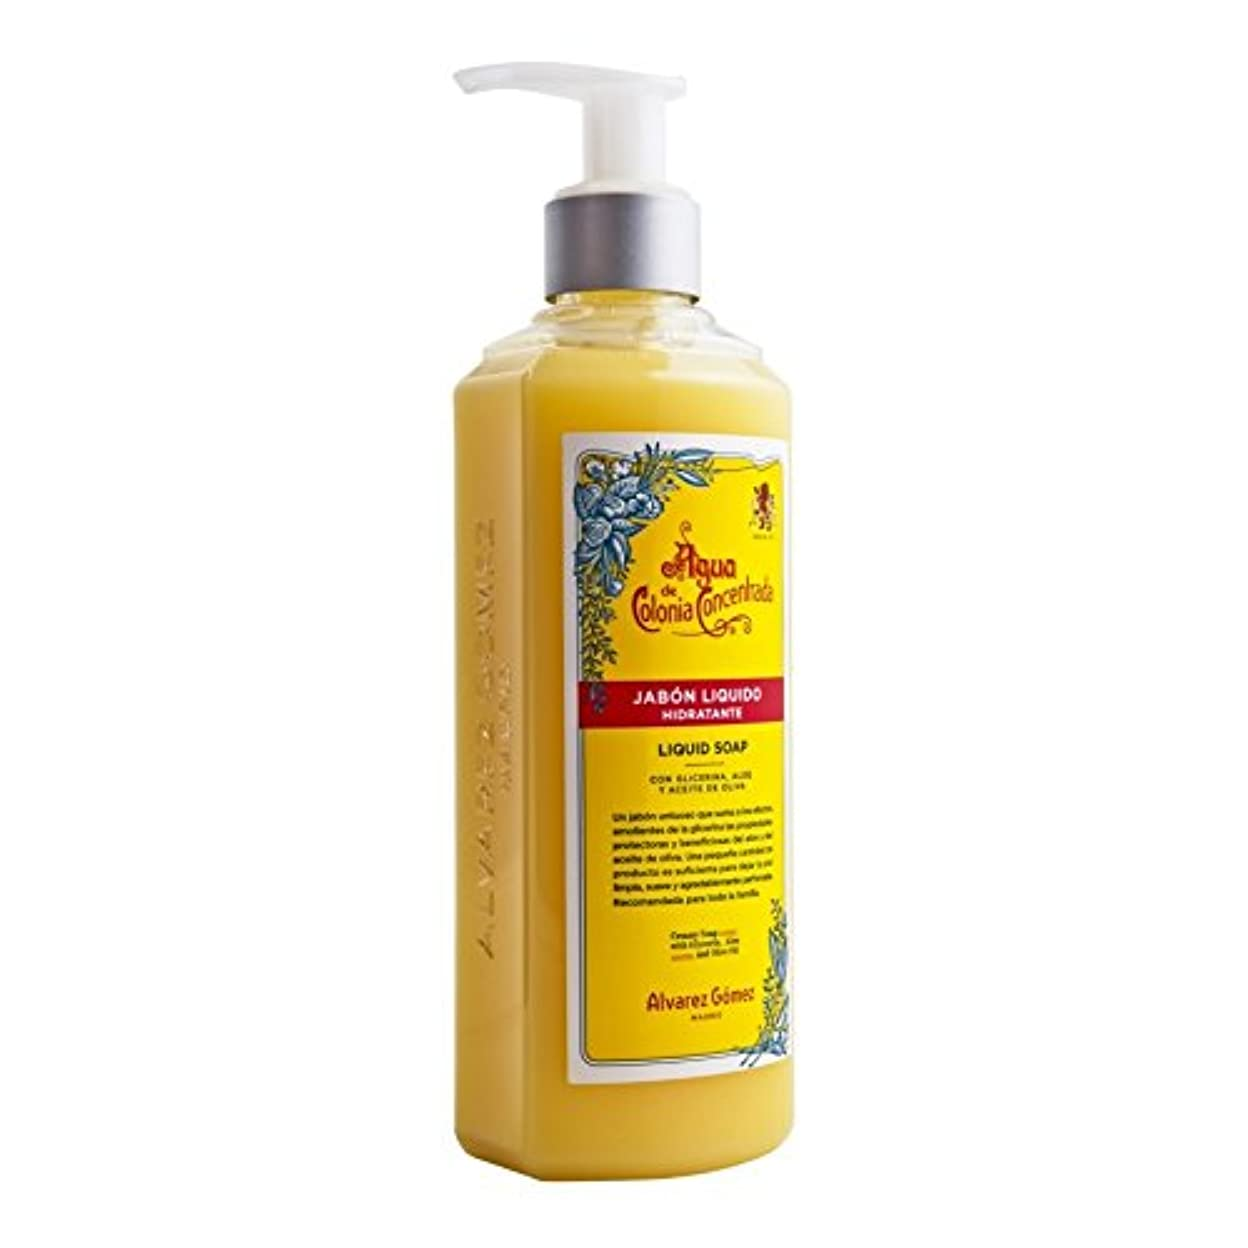 多年生あまりにも食事?lvarez G?mez Agua de Colonia Concentrada Liquid Soap 300ml - アルバレスゴメスアグアデコロニ液体石鹸300ミリリットル [並行輸入品]